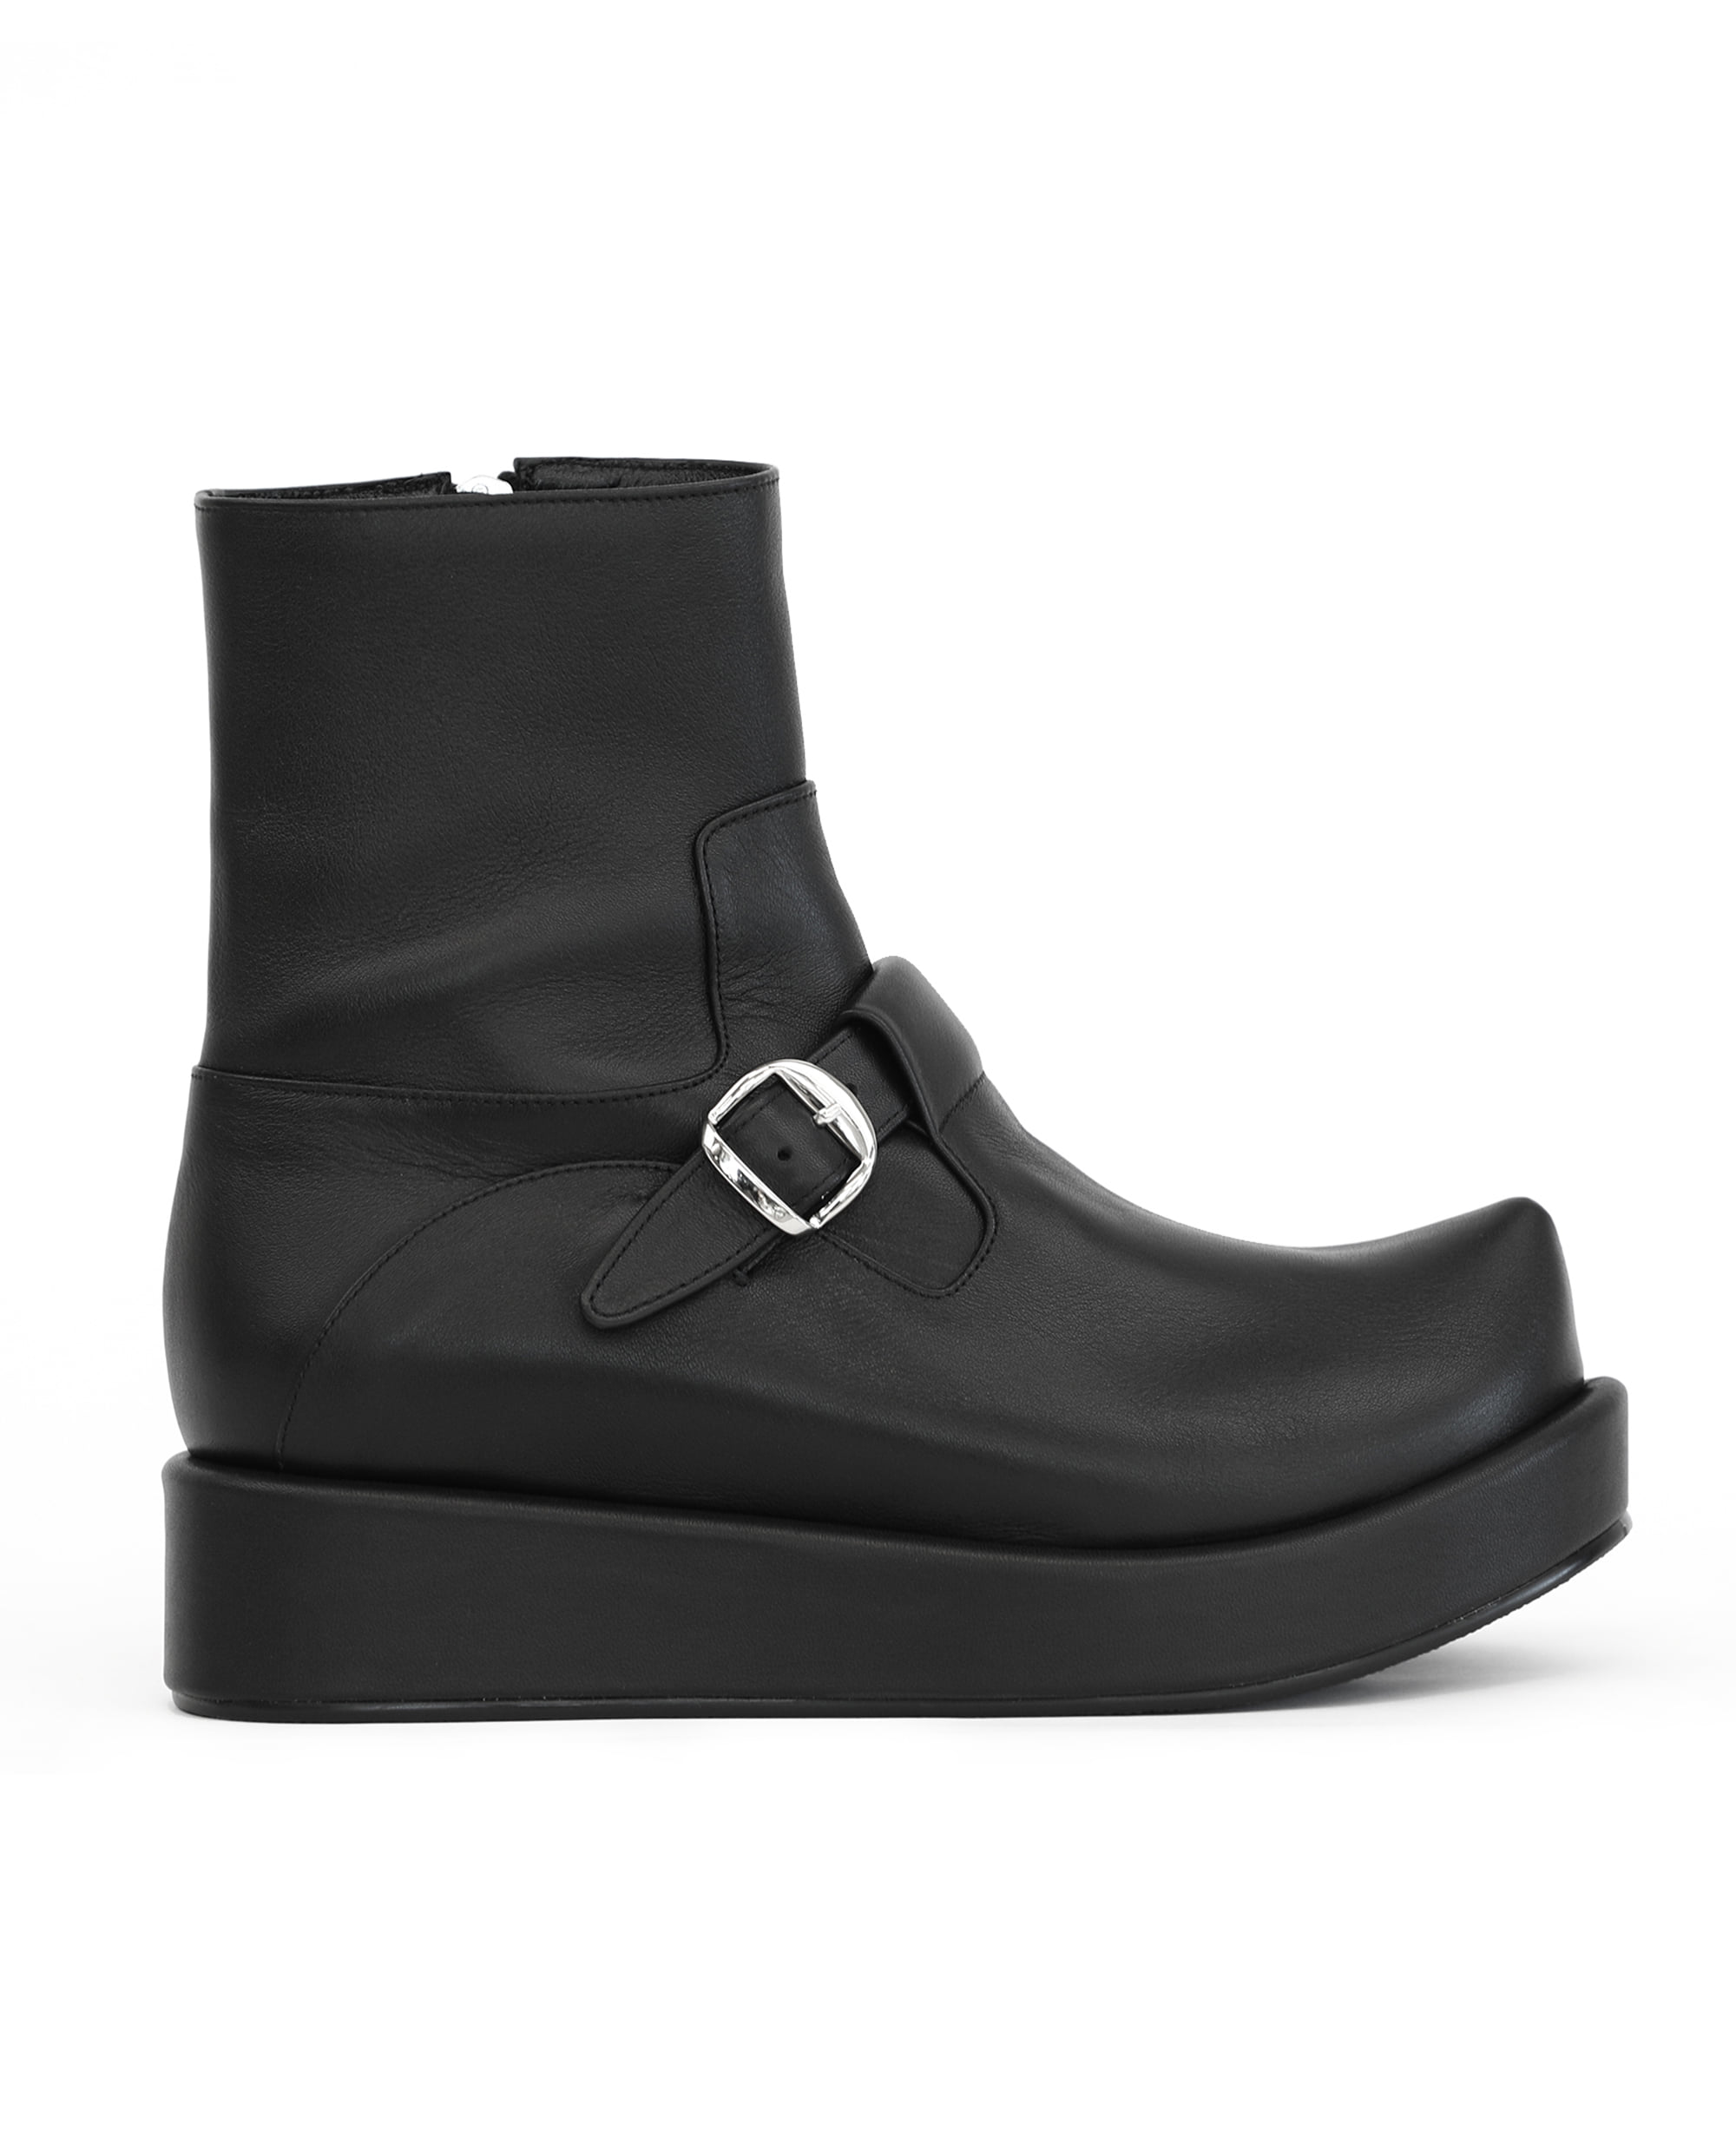 플랫아파트먼트, FLAT APARTMENT, 플랫아파트먼트 신발, FLAT APARTMENT SHOES, pointed toe, pointed toe shoes, pointed toe boots, t-bar shoes, platform, platform shoes, platform boots, pointed toe buckle boots, buckle boots, unique boots, unique shoes, unique toe,  korean shoes brand, korean shoes, handmade shoes, 플랫슈즈, 부츠, 포인티드 토 부츠, t-bar boots, 뾰족 코 슈즈, 포인티트 토 슈즈, 신발, 슈즈, 구두, 뾰족 코 부츠, 버클 부츠, seoul fahsion, k fahsion, south korea shoes brand, order made shoes, 수제화, 주문제작 신발, 편한 신발